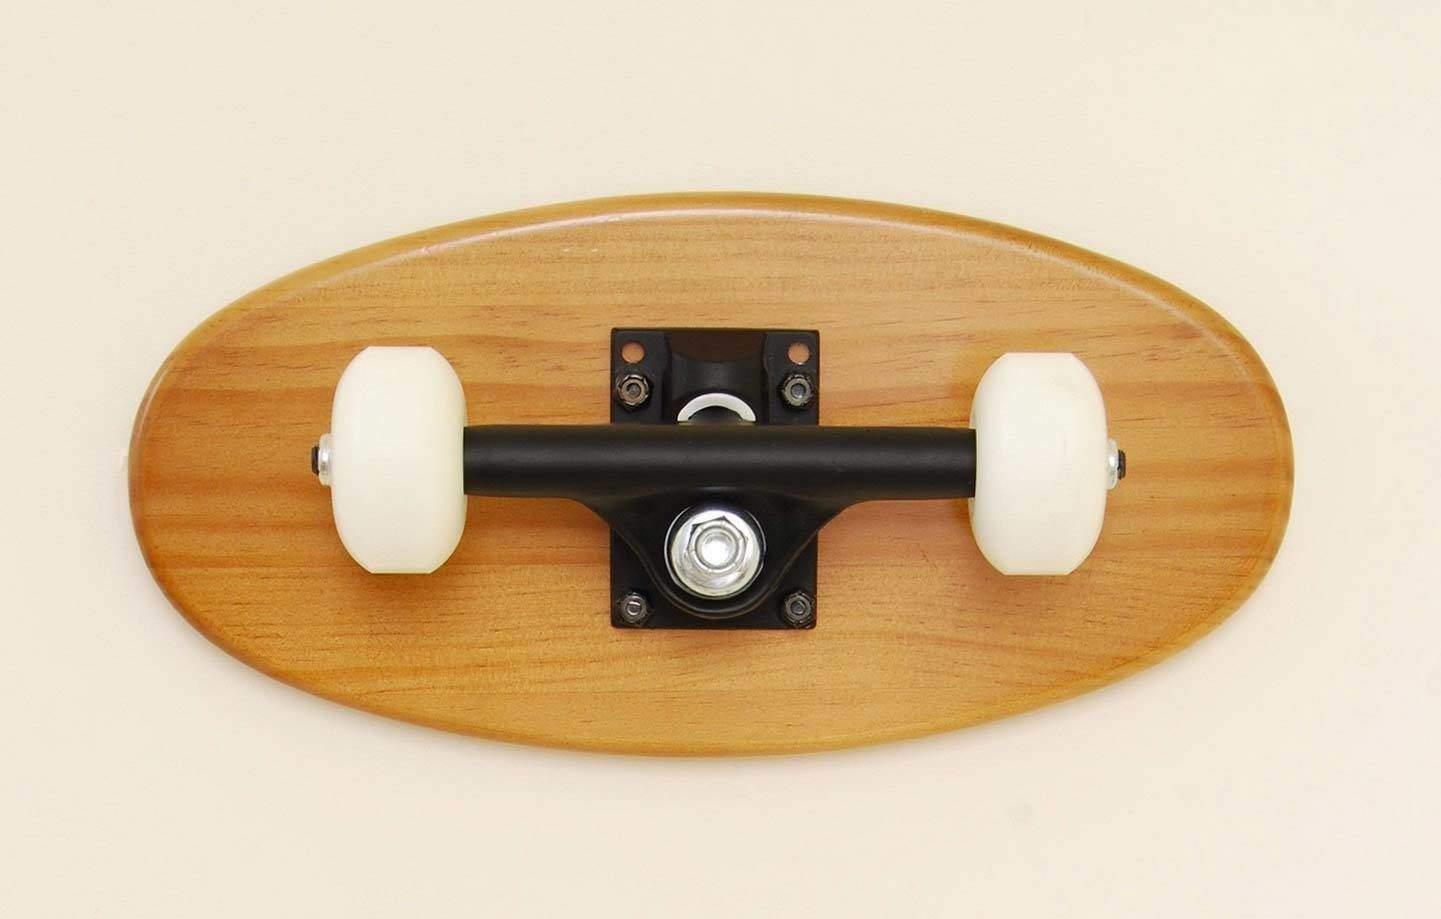 porte-manteaux-truck-skate-00100